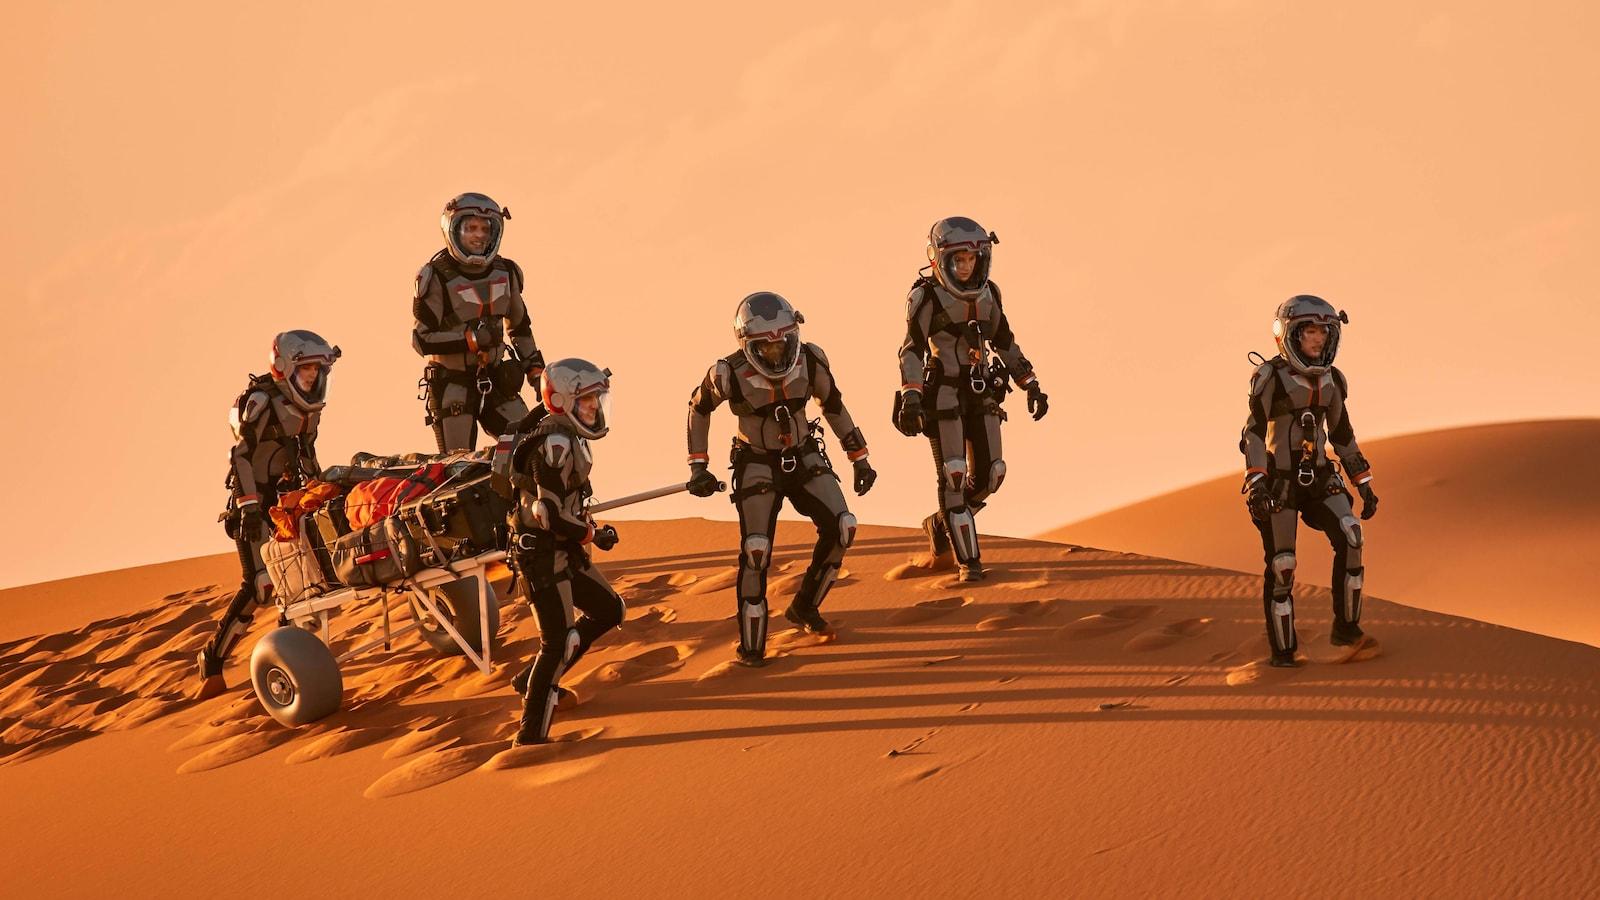 L'équipage marche sur la planète Mars.